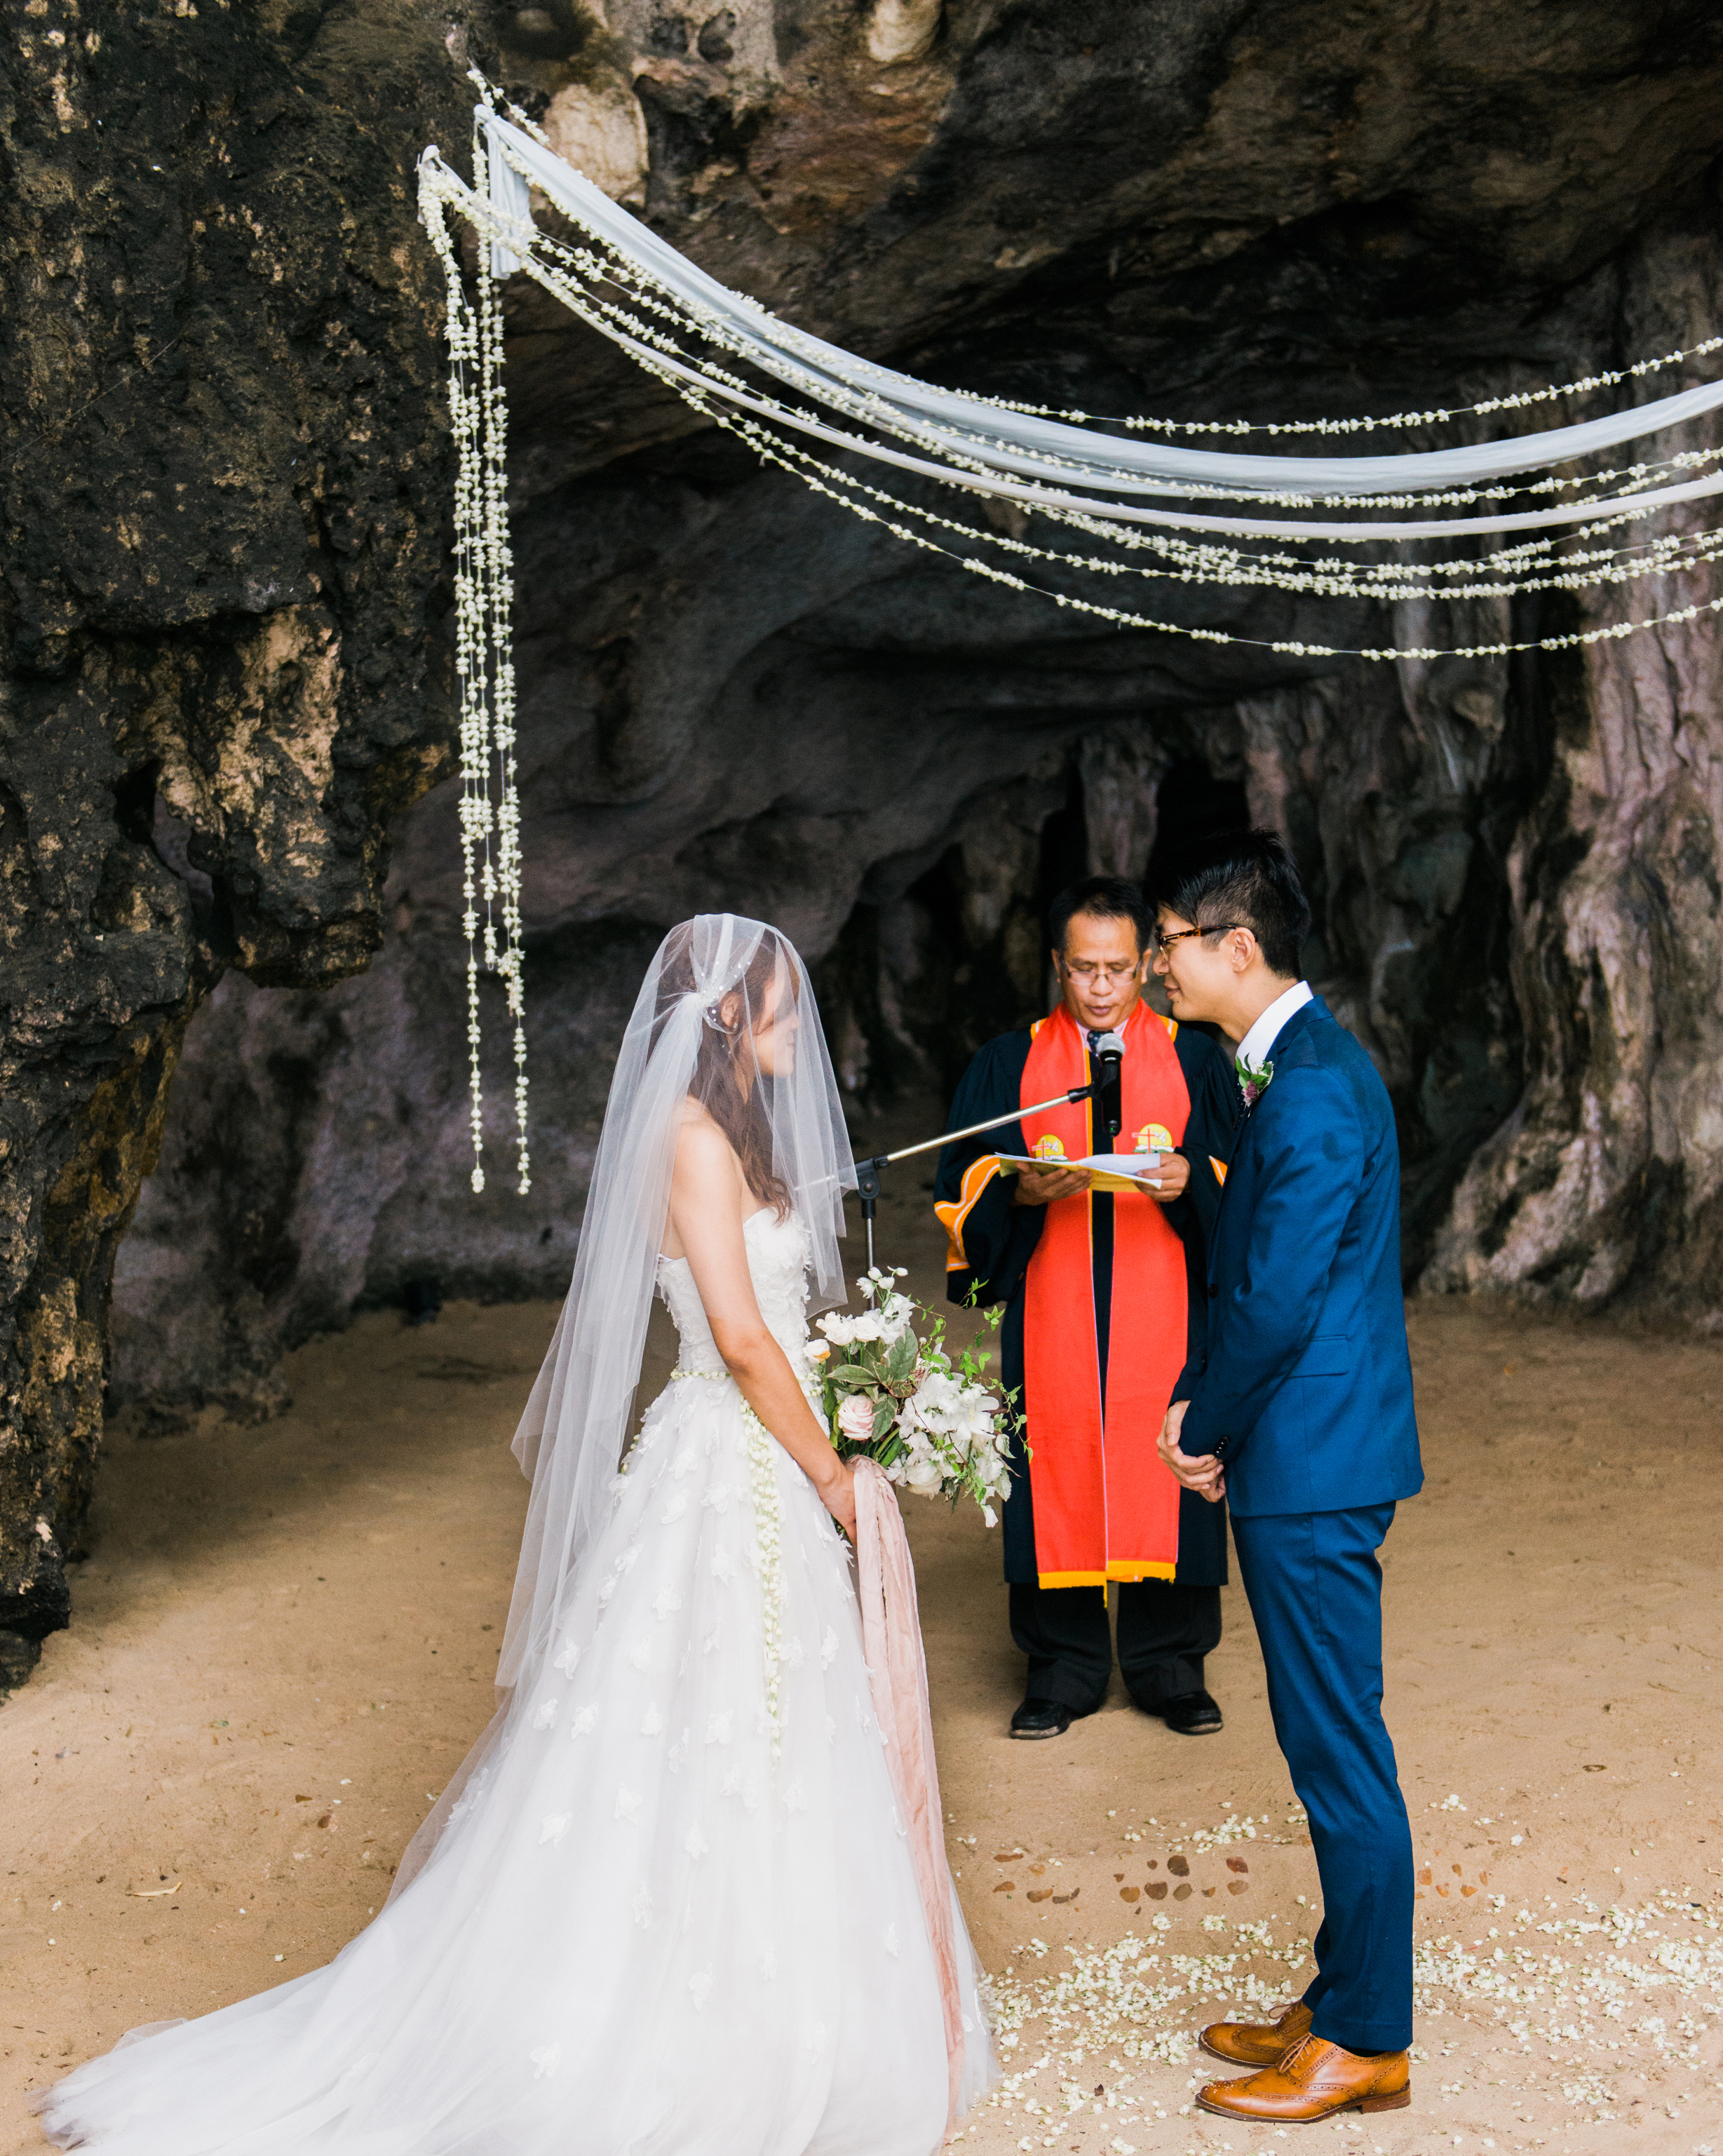 michelle-ryan-wedding-krabi-thailand-0356-s112047-0815.jpg